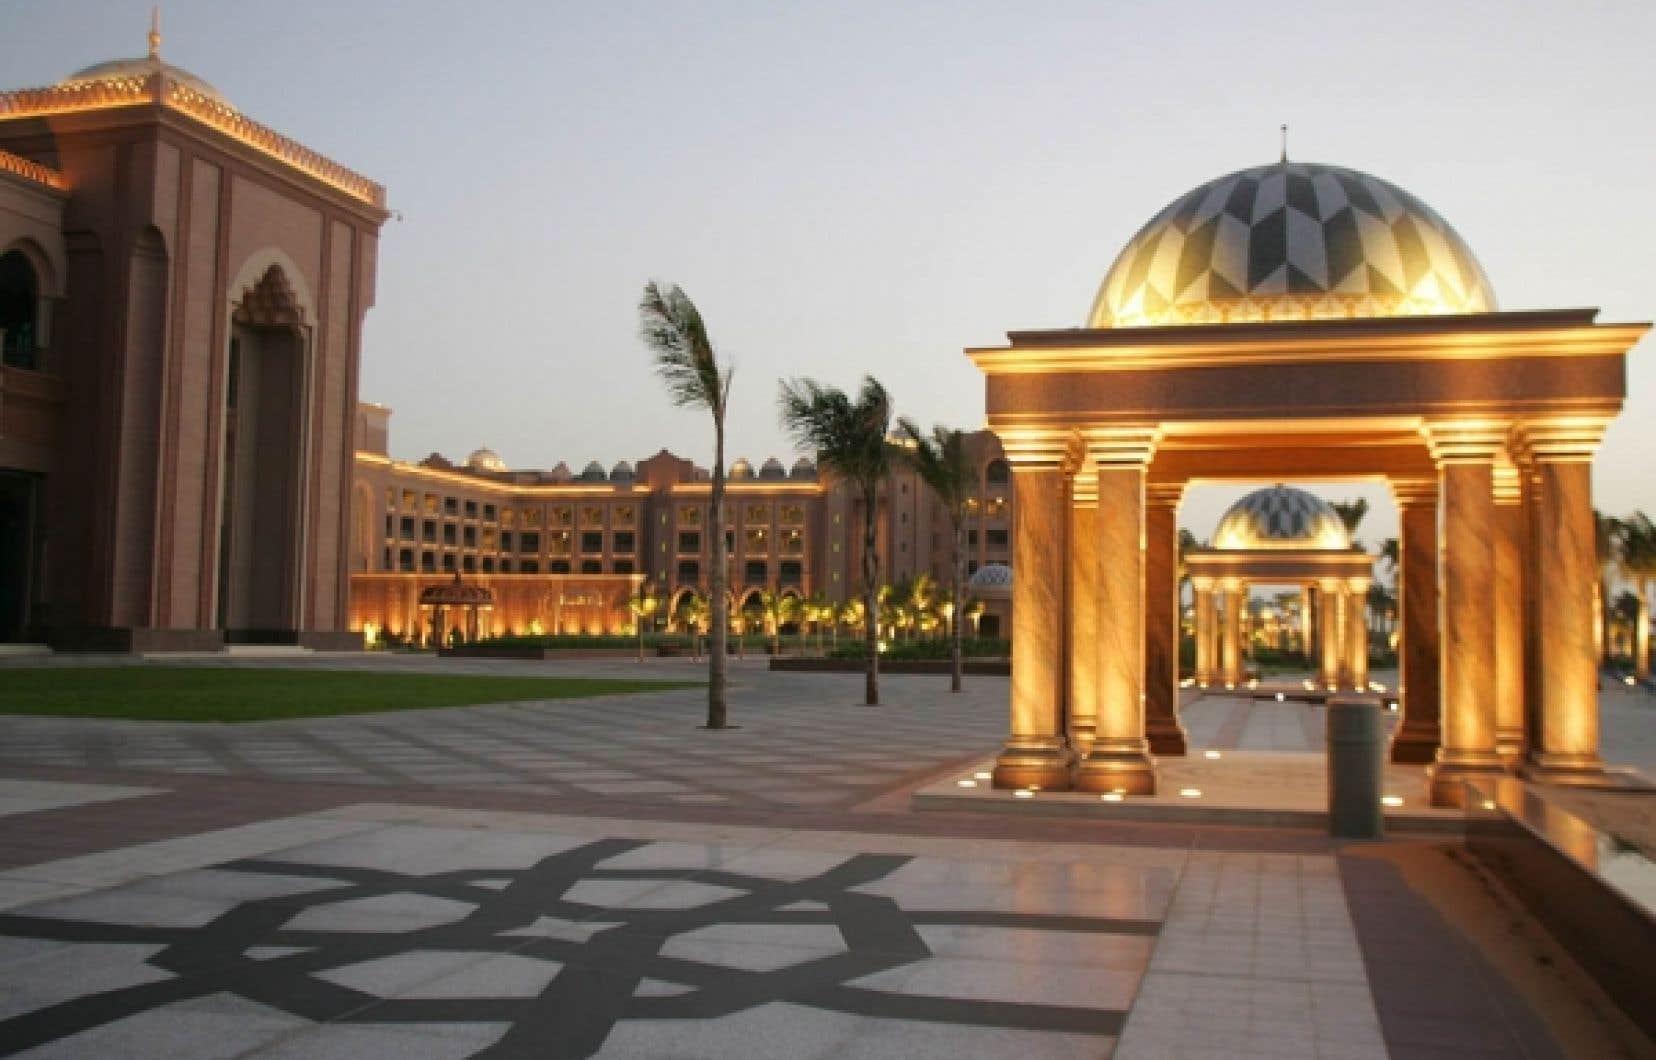 Le Palais des Émirats arabes unis est l'hôtel le plus luxueux d'Abu Dhabi, avec ses 114 dômes décorés de céramique et ses poutres de marbre. À l'intérieur, on trouve plus d'un millier de chandeliers de cristal et des couloirs aussi larges que des avenues.